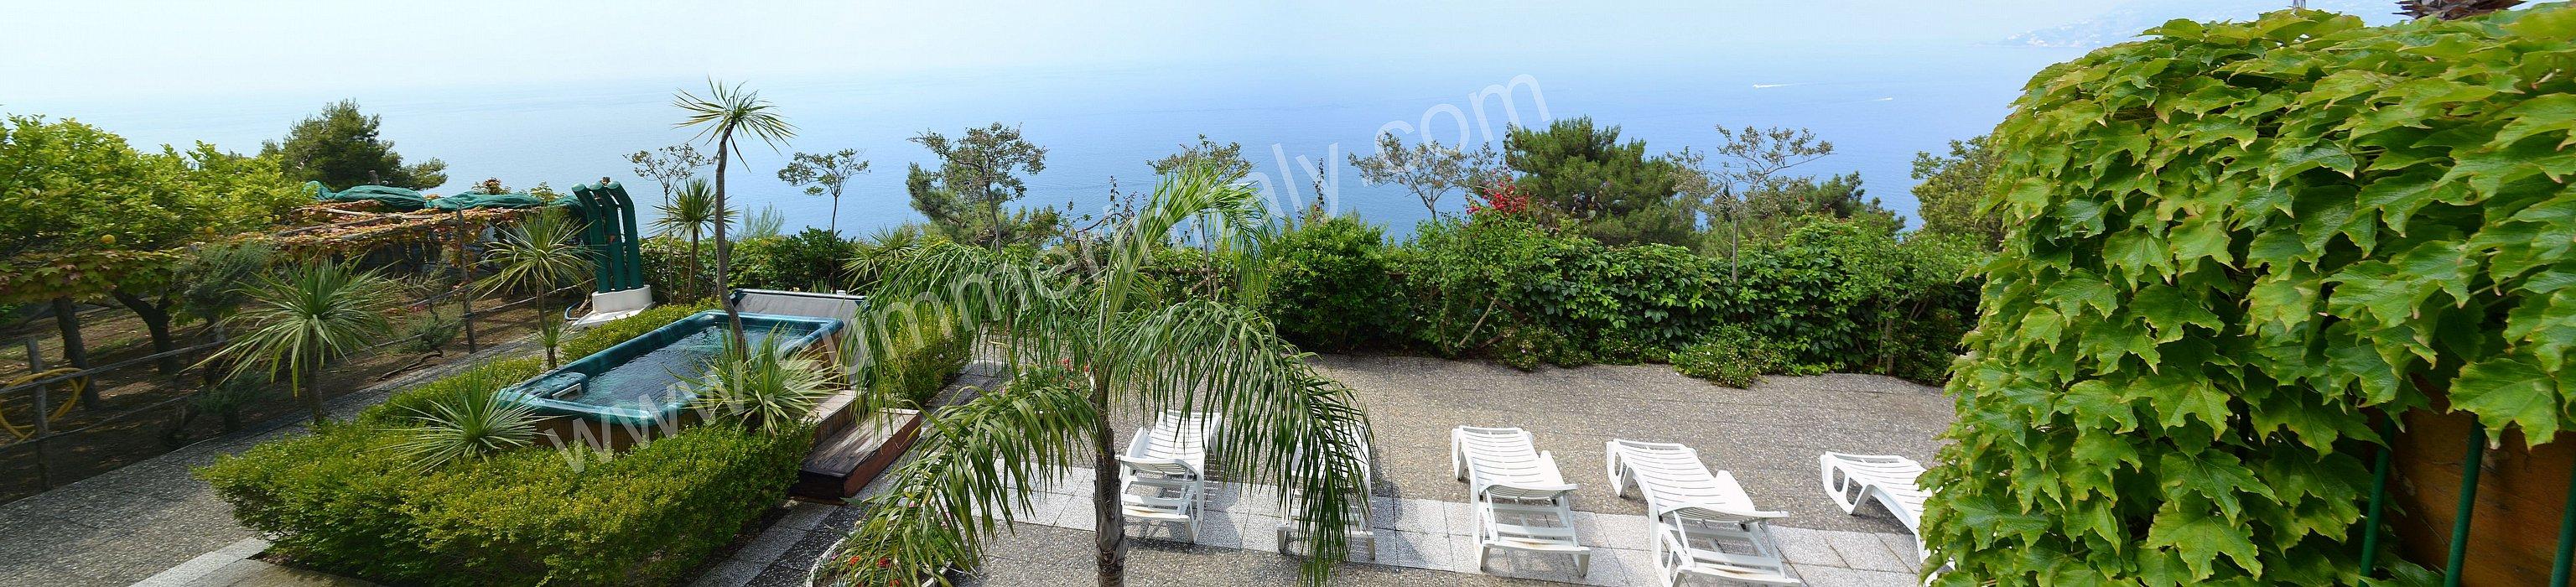 Villa saracena piccola villa in affitto in maiori for Piani casa costiera